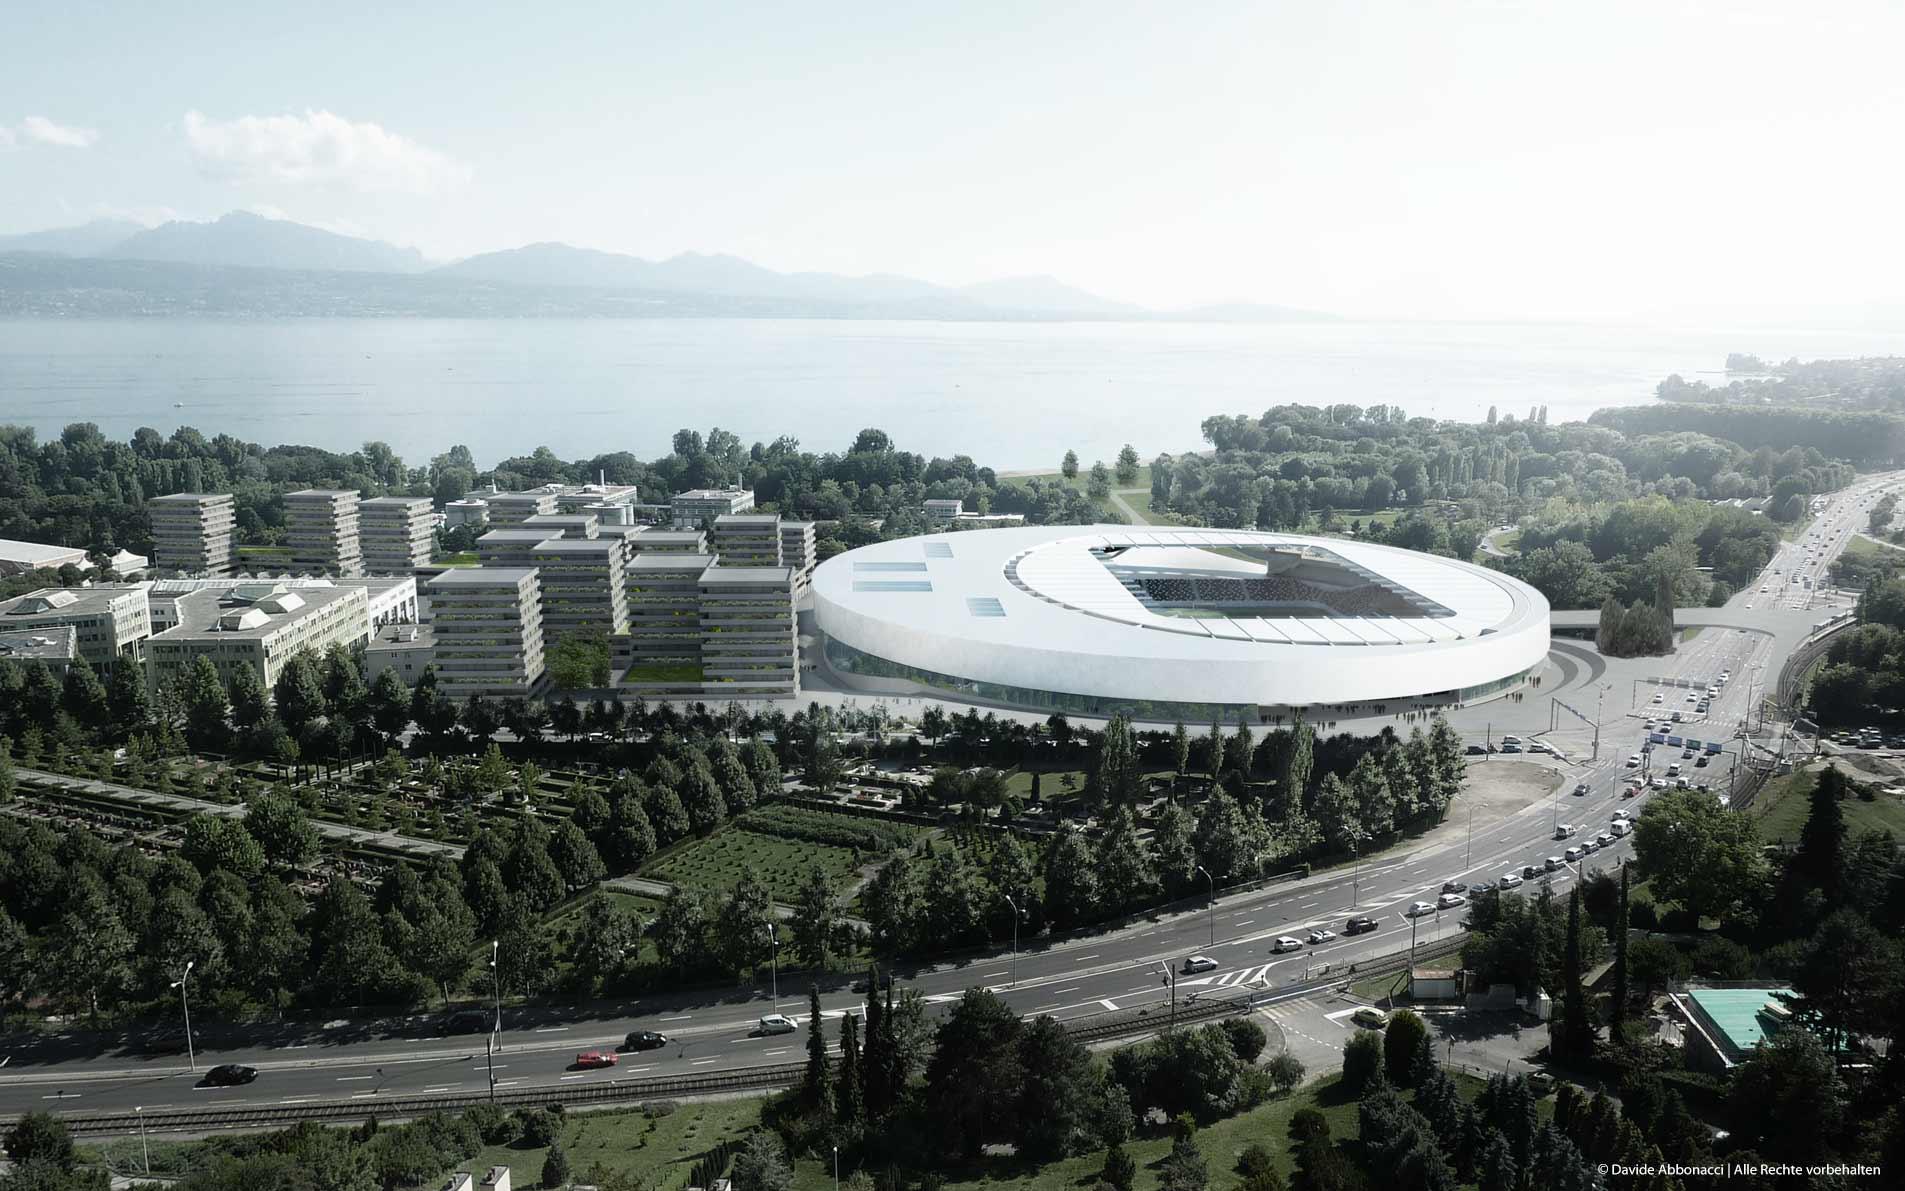 Sportkomplex und städtebauliche Neuordnung, Lausanne, Schweiz | gmp Architekten von Gerkan, Marg und Partner | 2011 Wettbewerbsvisualisierung | 1. Preis